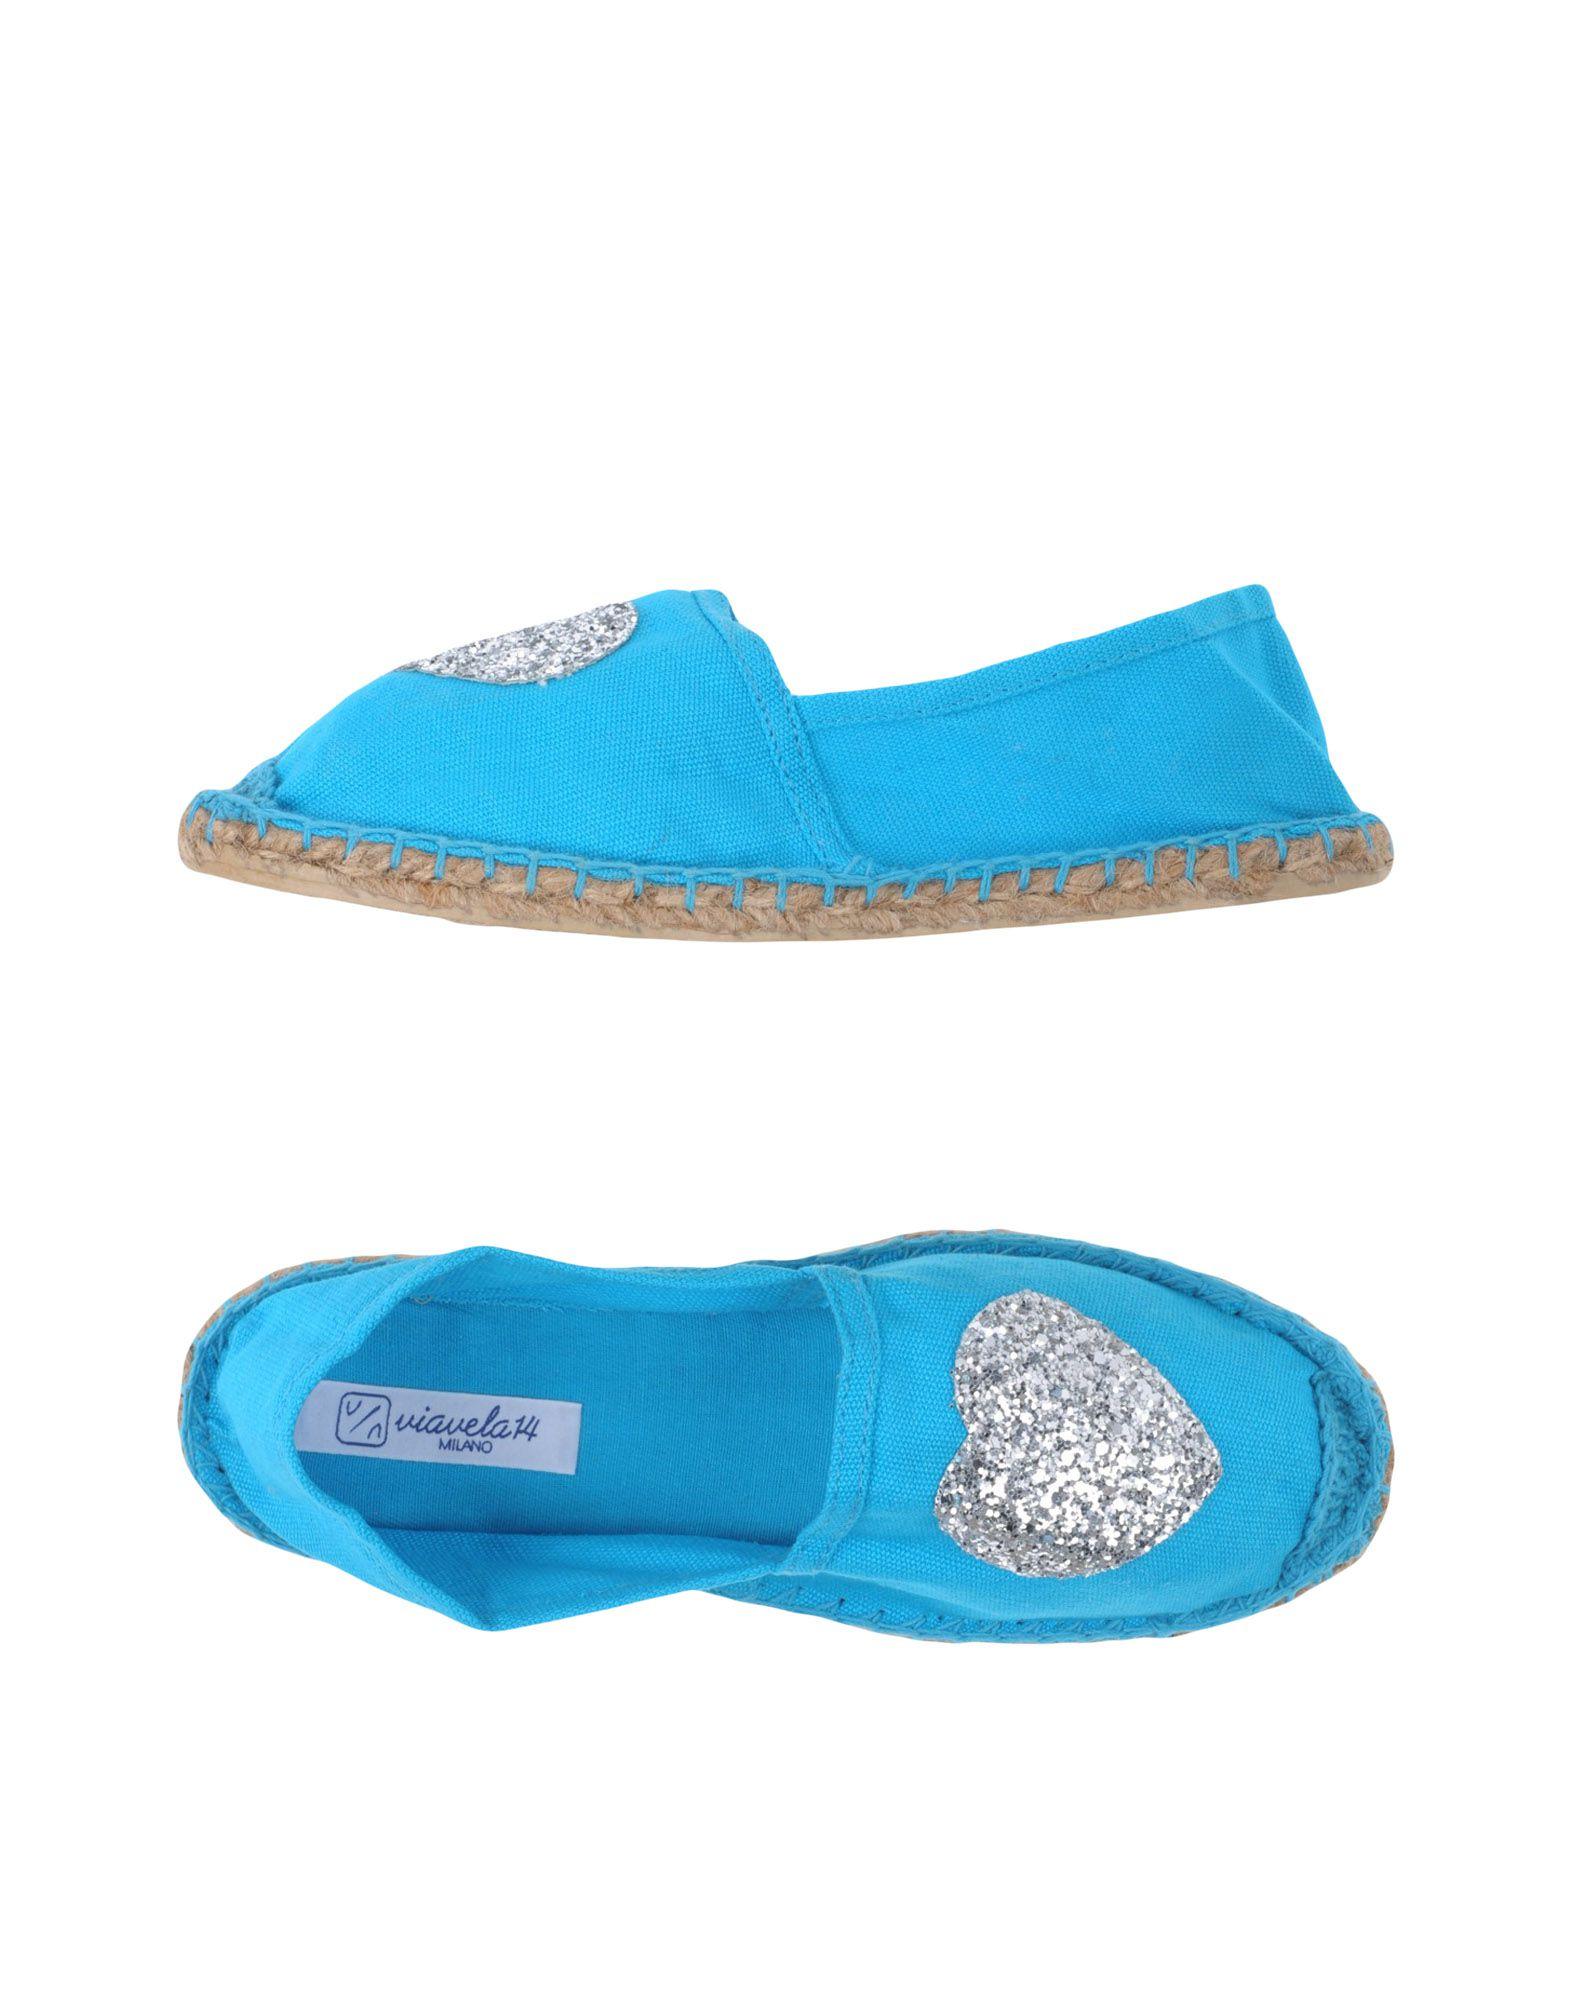 Chaussures - Chaussons Via Vela 14 secP9u4c